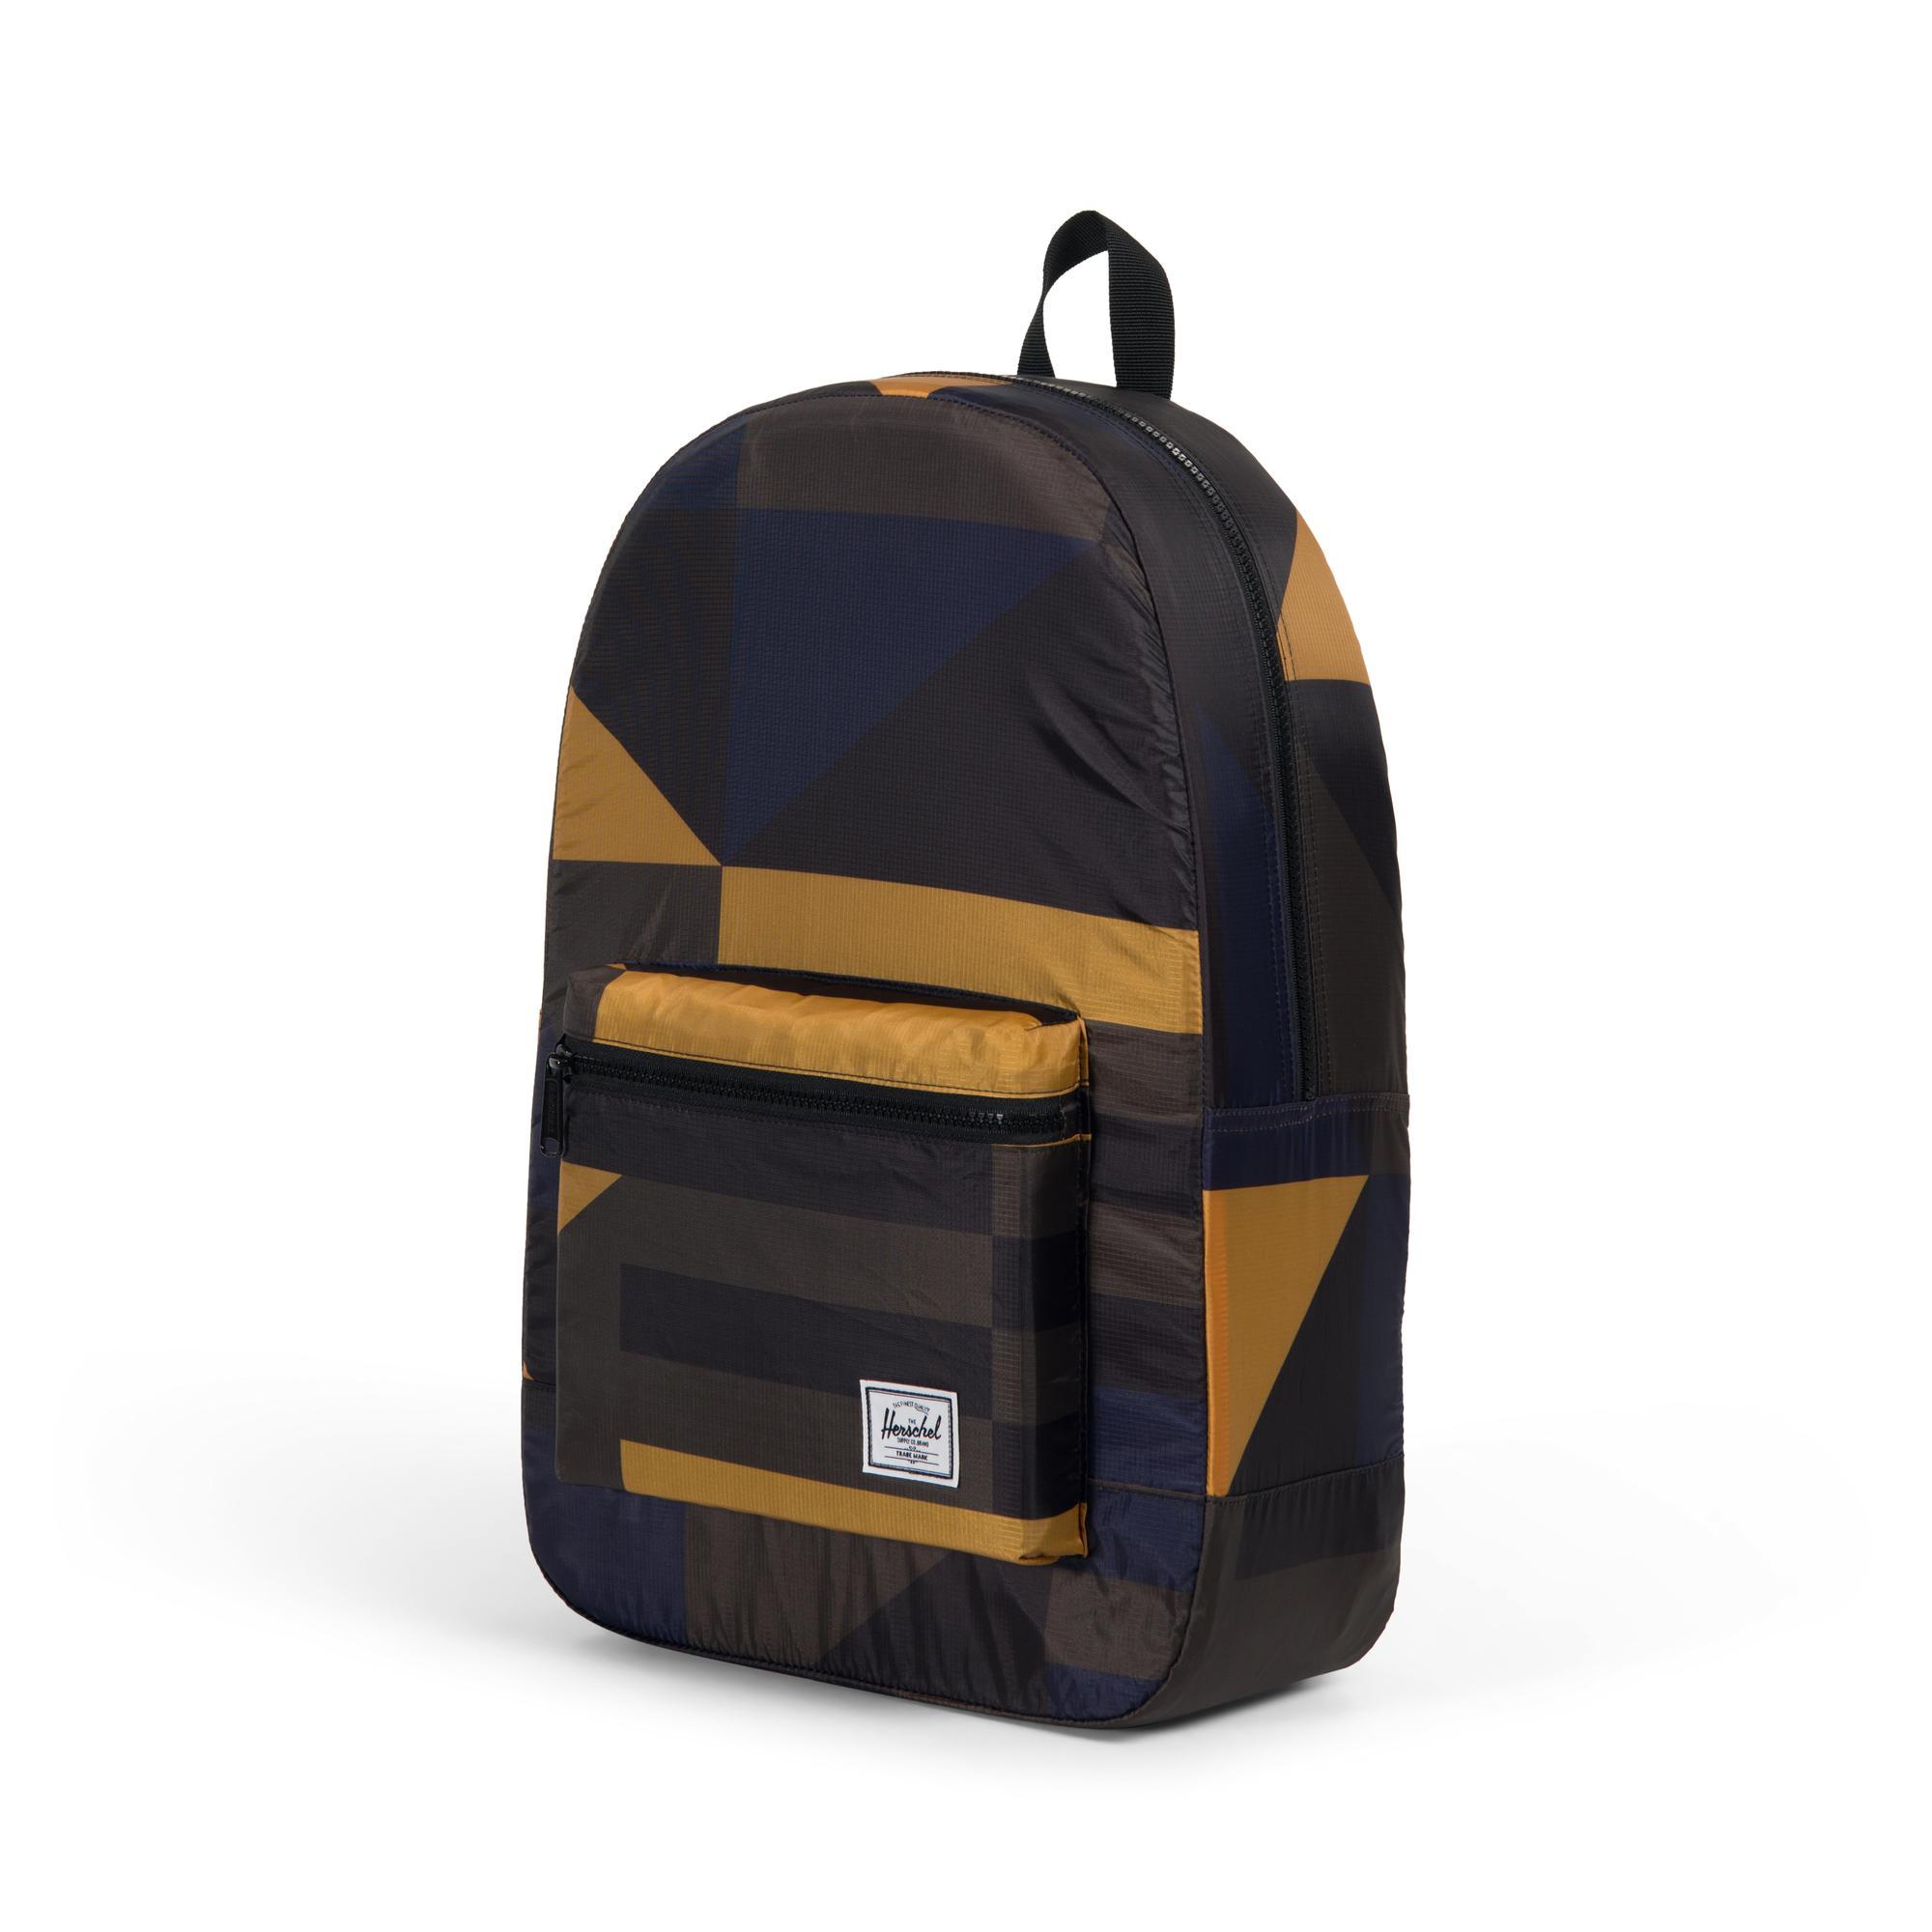 bb5097776c1a Herschel Supply Co Duck Camo Backpack- Fenix Toulouse Handball